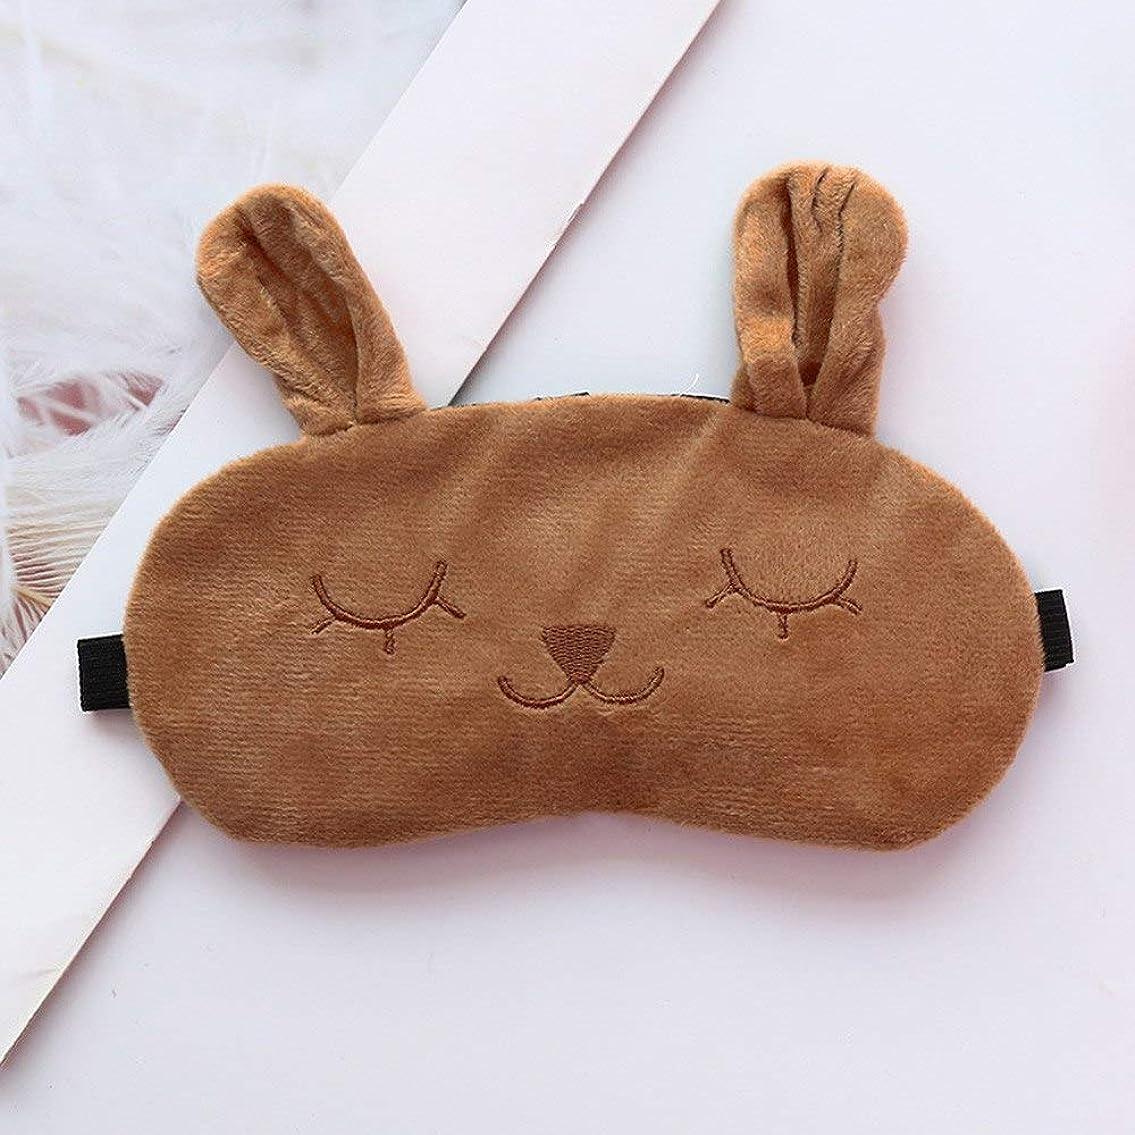 ゴルフ免除すると遊ぶNOTE OutTop Sleep Maskナチュラルスリーピングアイマスクウサギのアイシェードカバーポータブル目隠し旅行調節可能なアイパッチNo Ice Bag#30